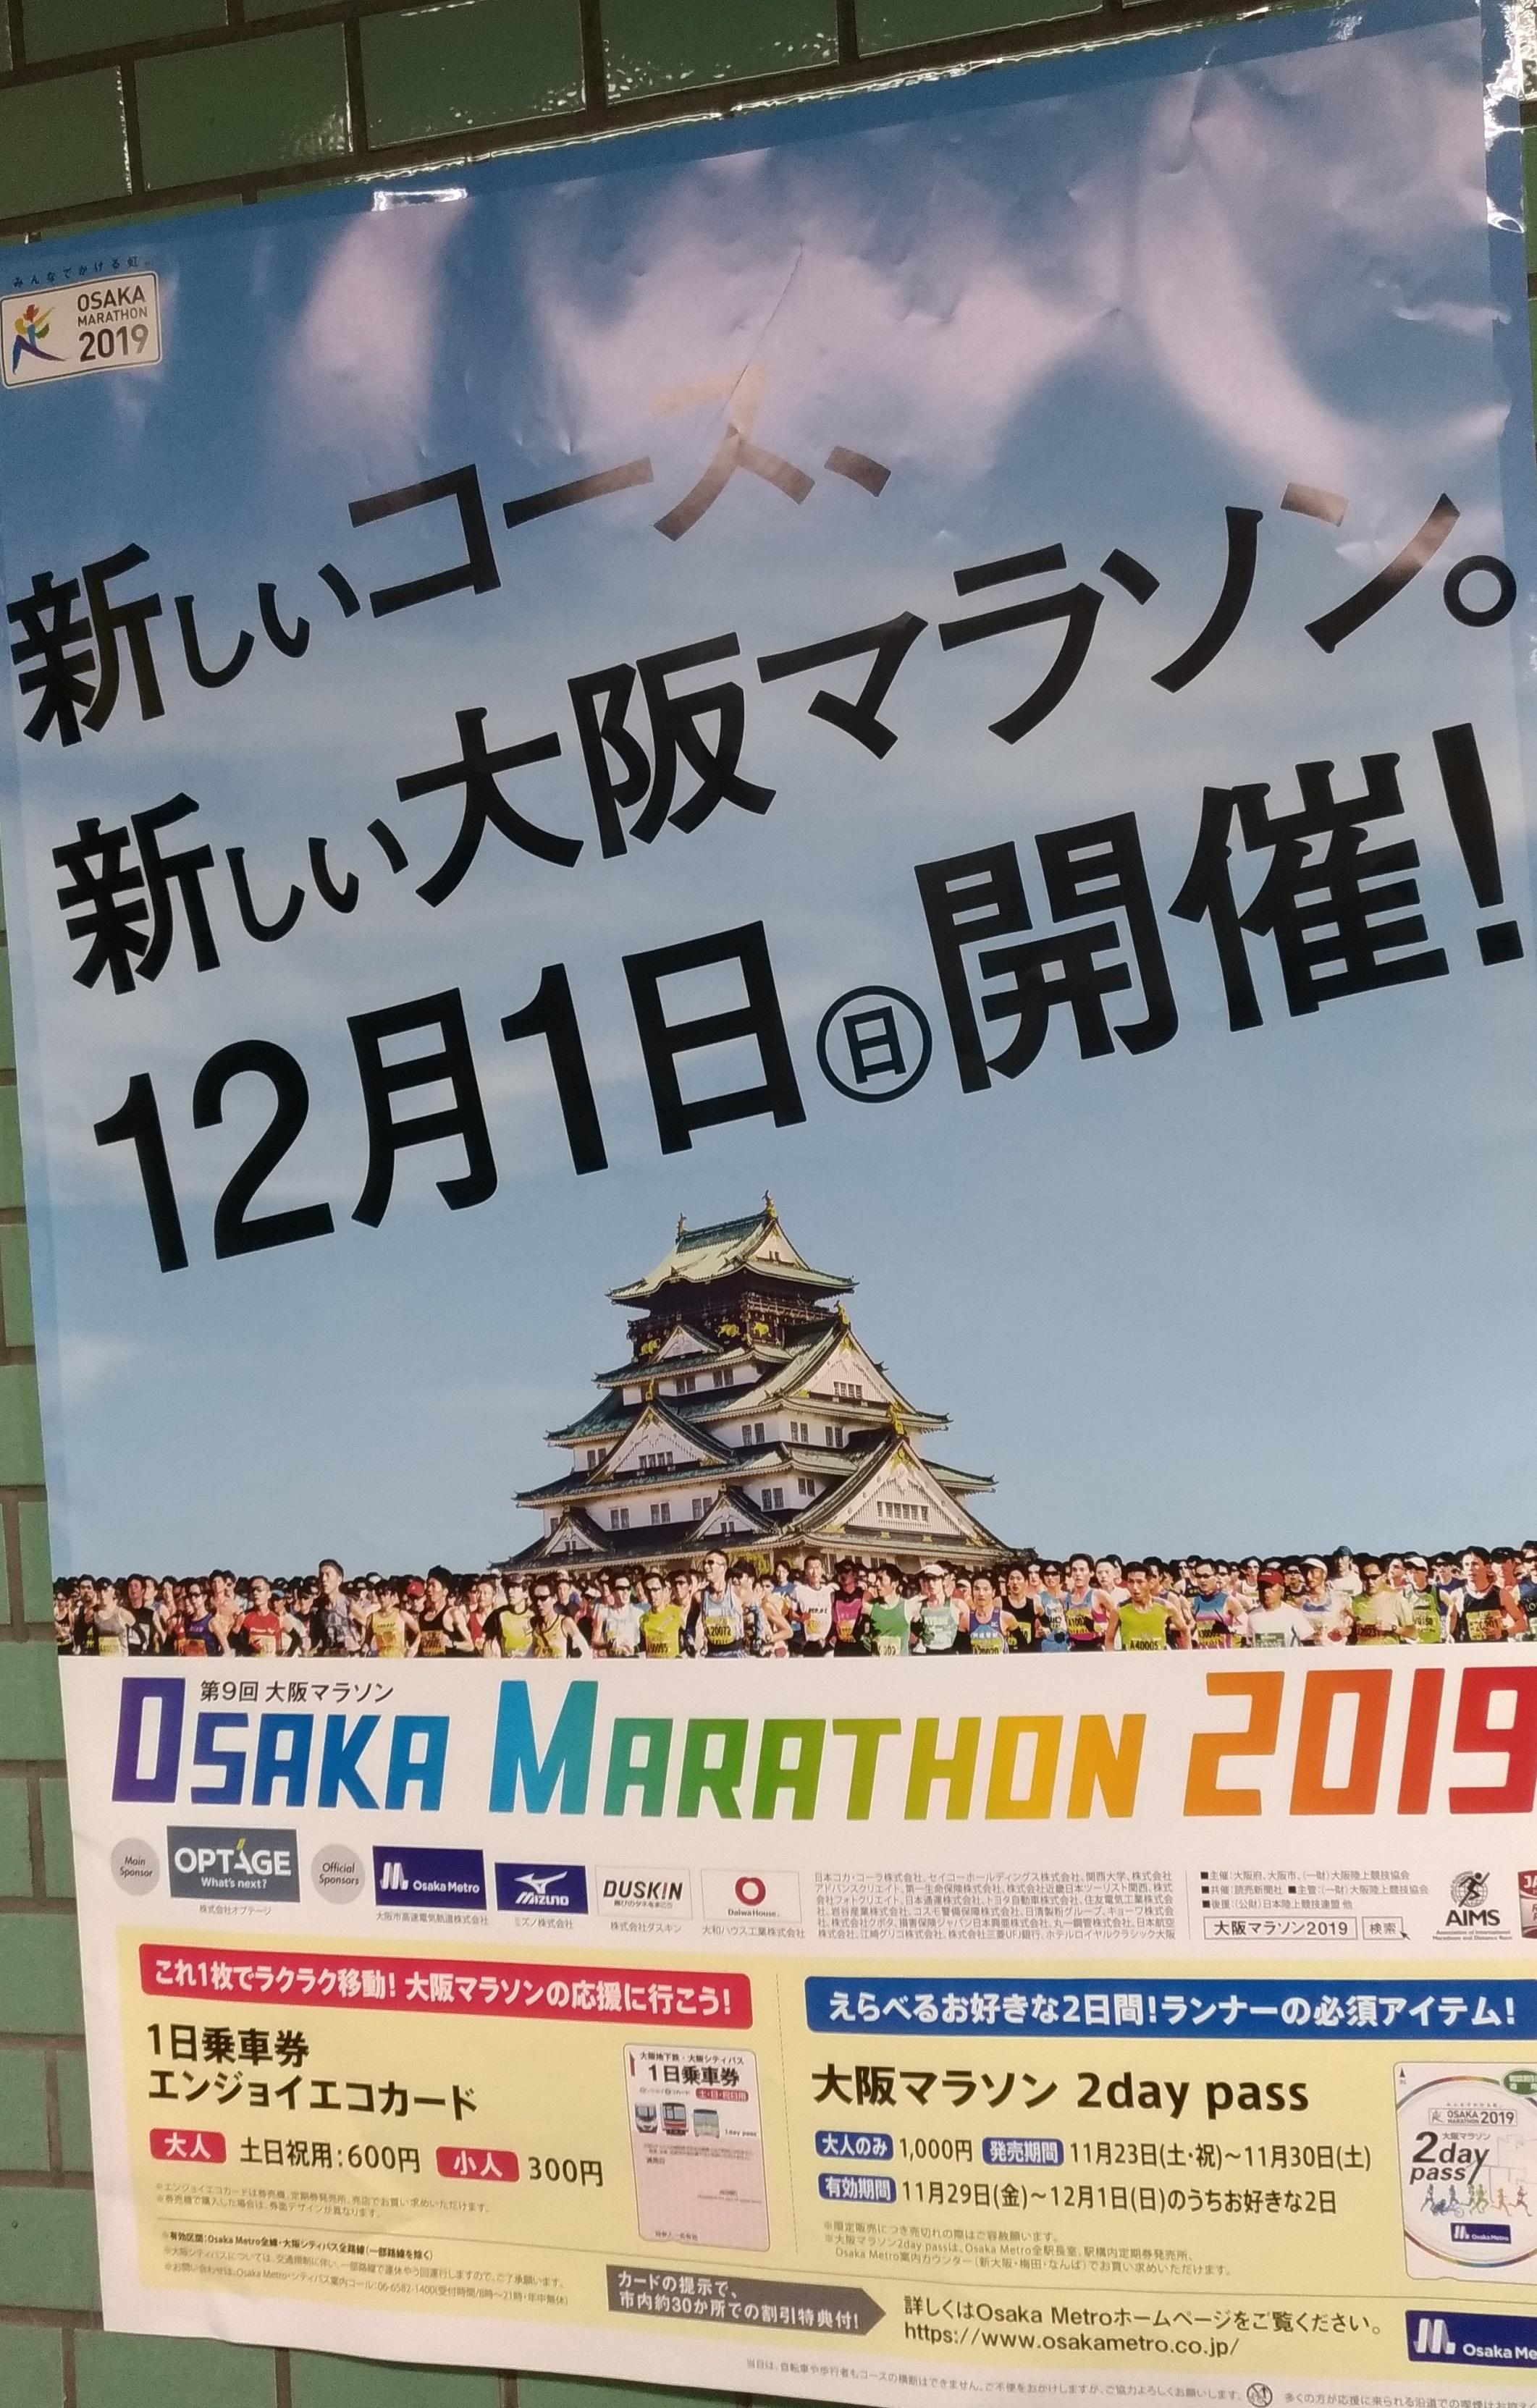 osaka_marathon_2019_12_1.jpg